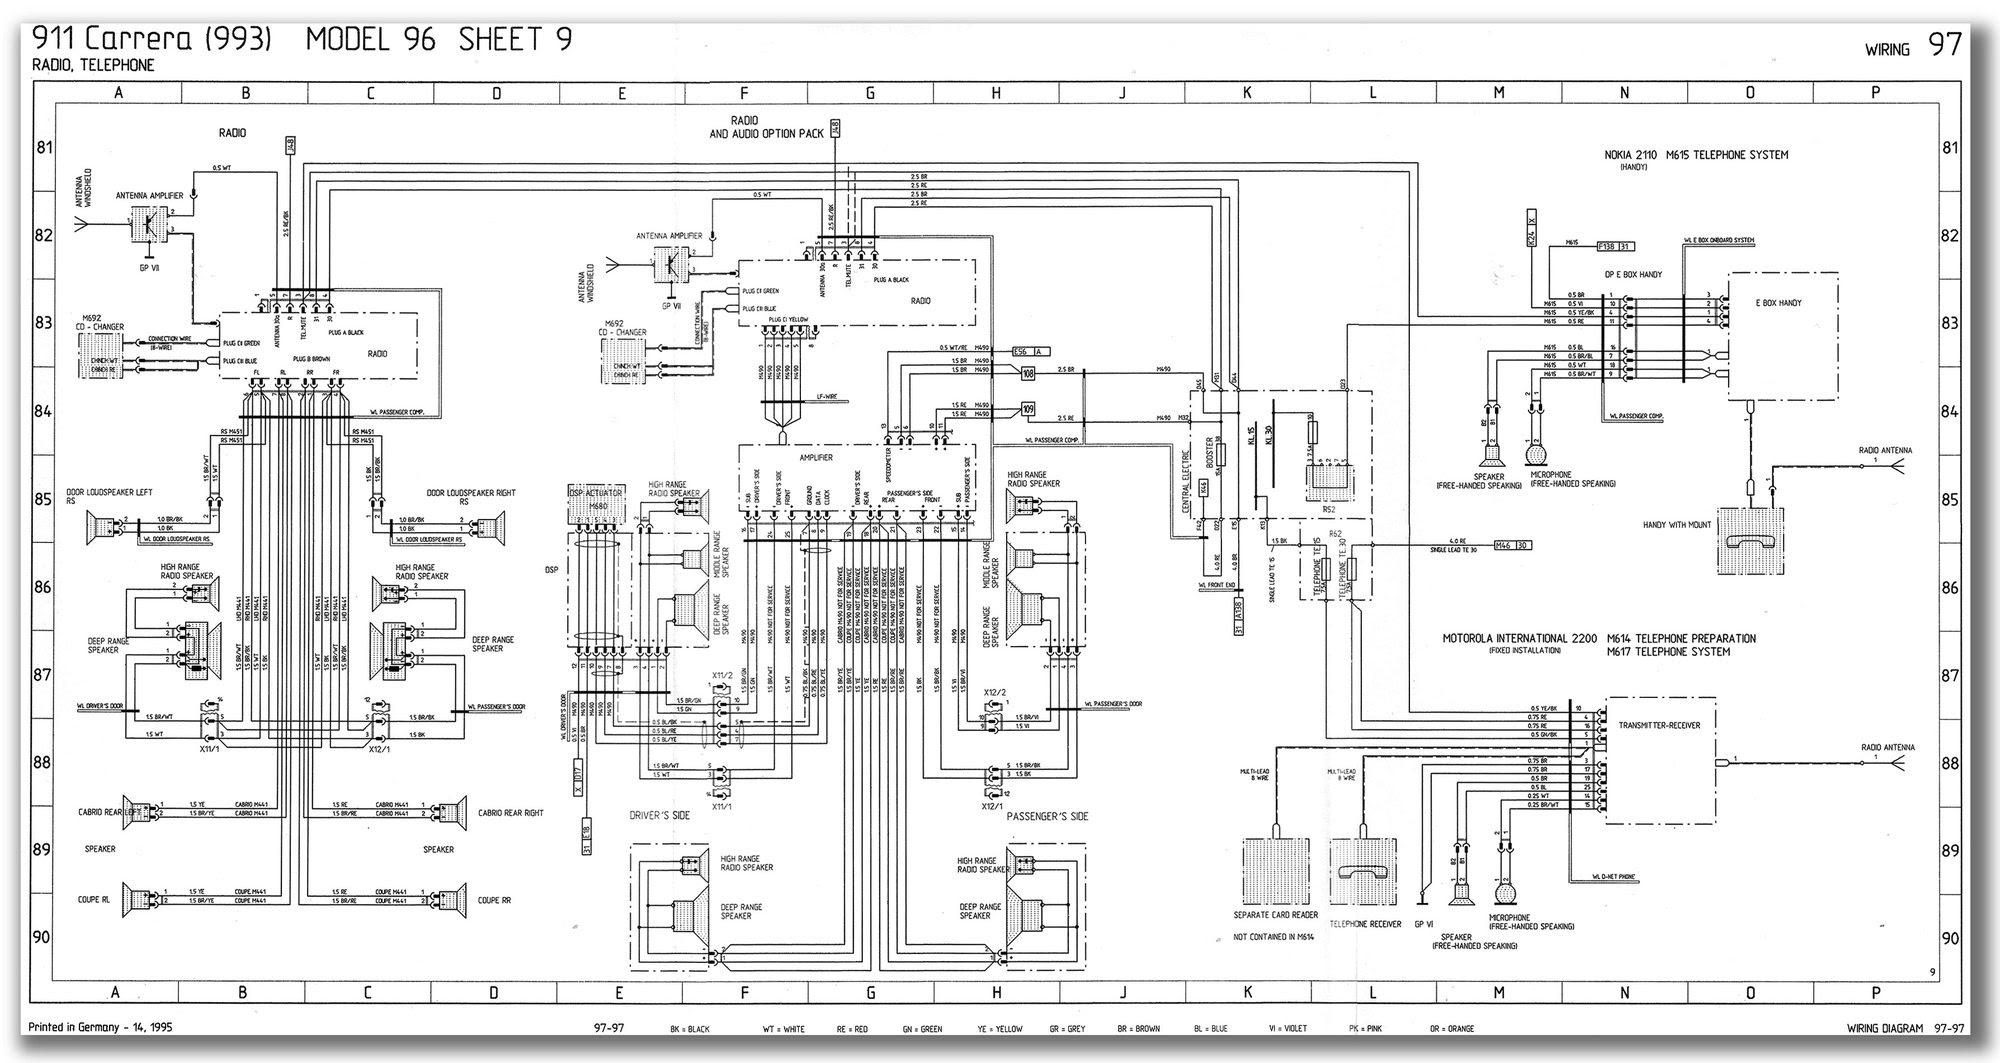 Micrologix 1400 Wiring Diagram - Wiring Diagram